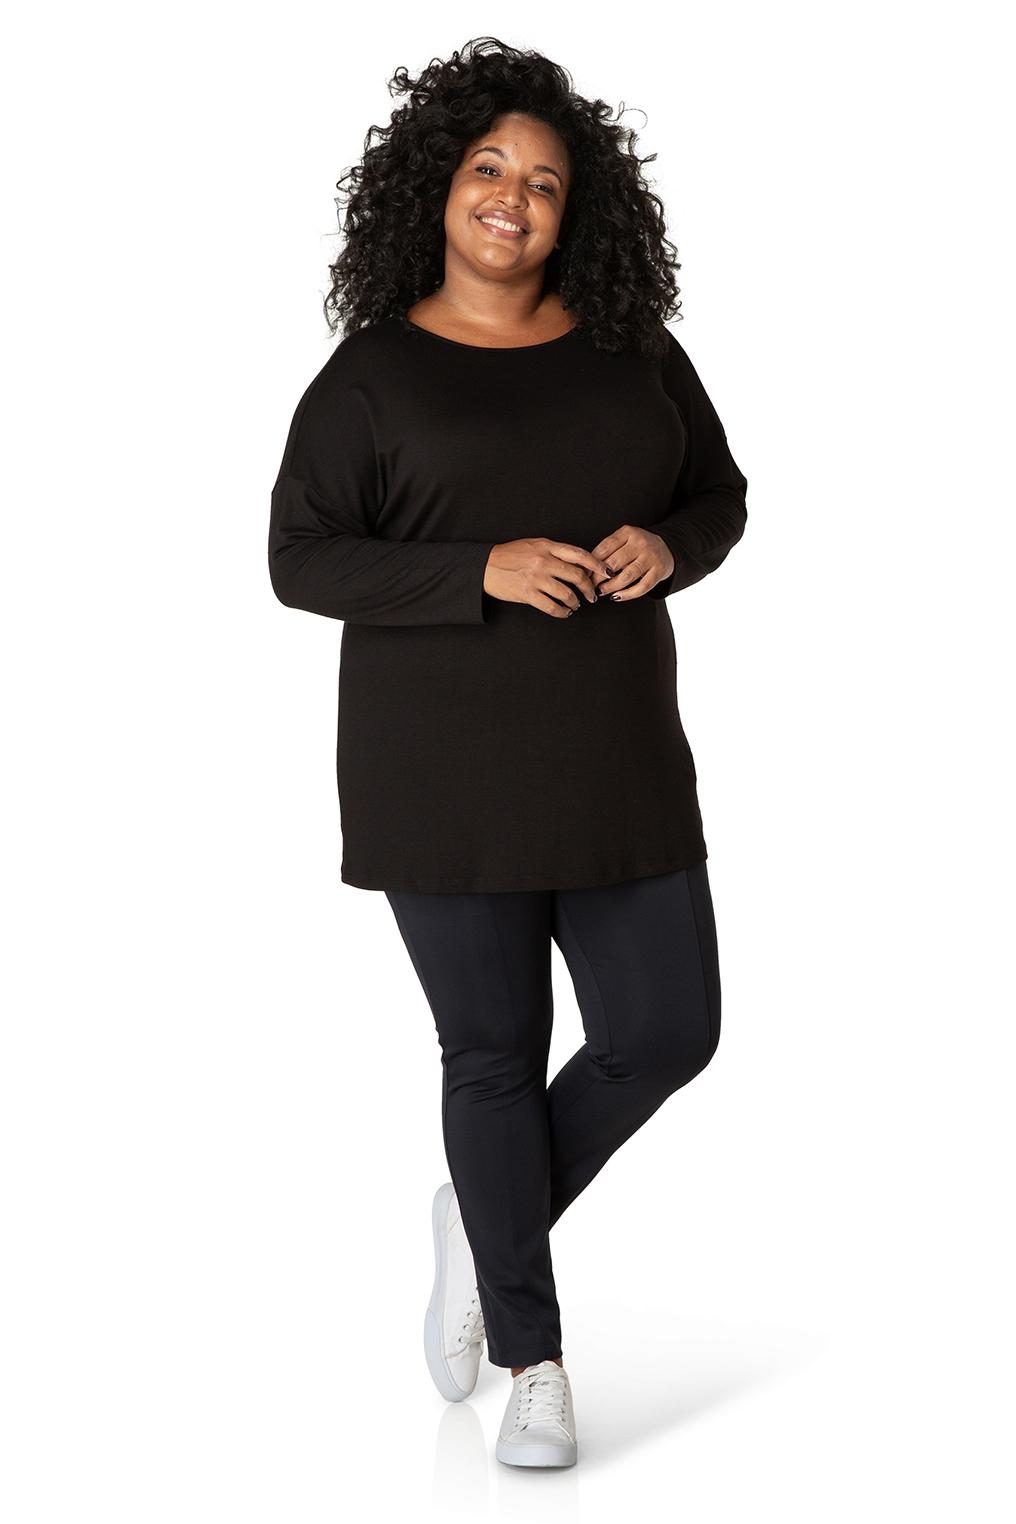 Shirt Adele Yesta